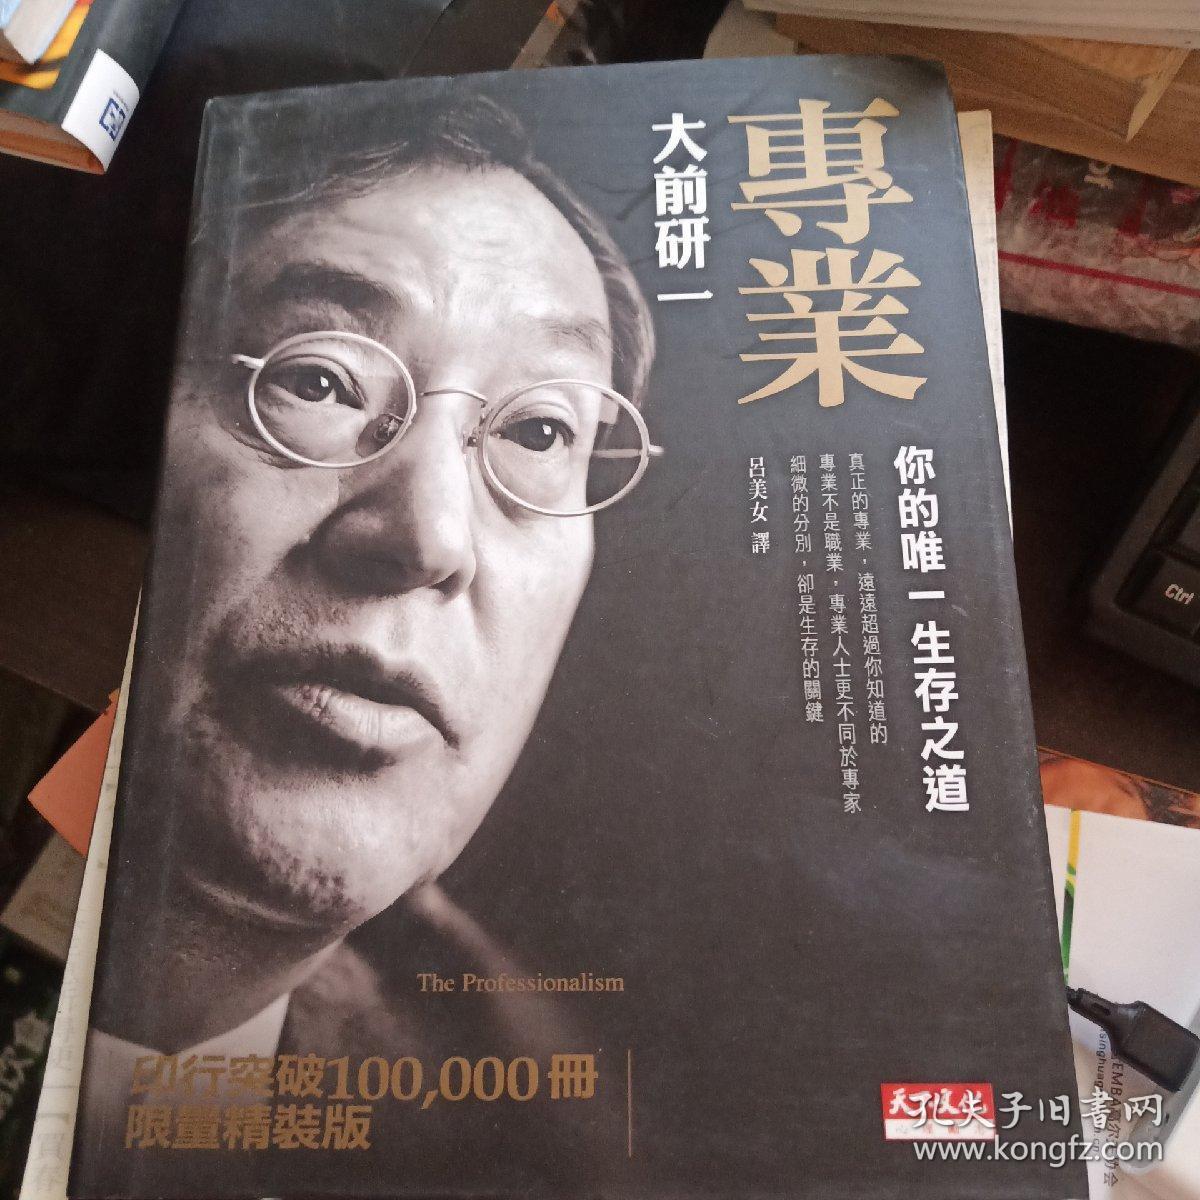 前 研一 大 根本在說台灣阿!大前研一:不婚不生、不買房滿街的小七,讓日本年輕人喪失物欲和成功欲